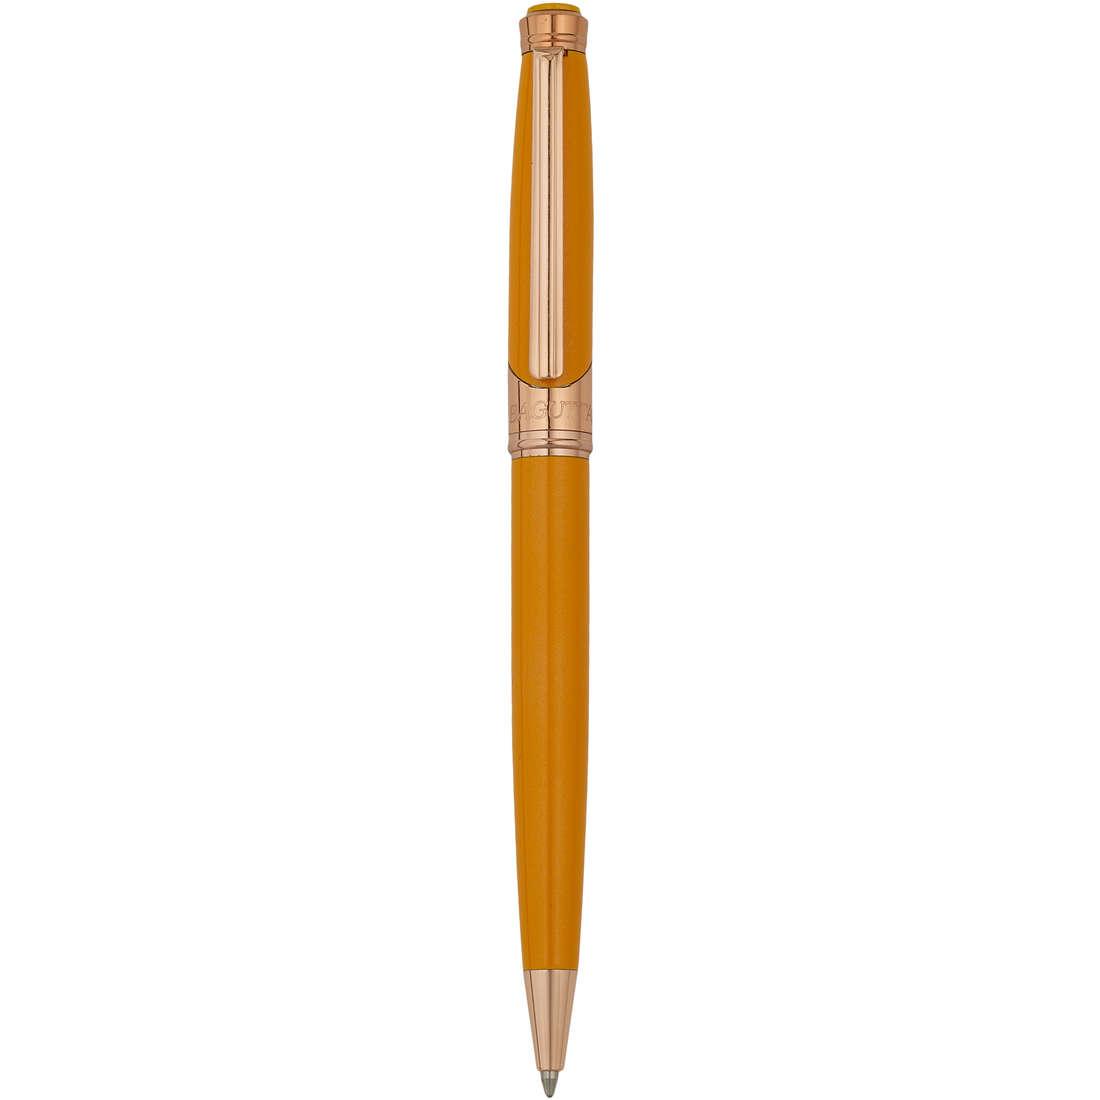 stylo unisex bijoux Bagutta Penne H 6009-03 B